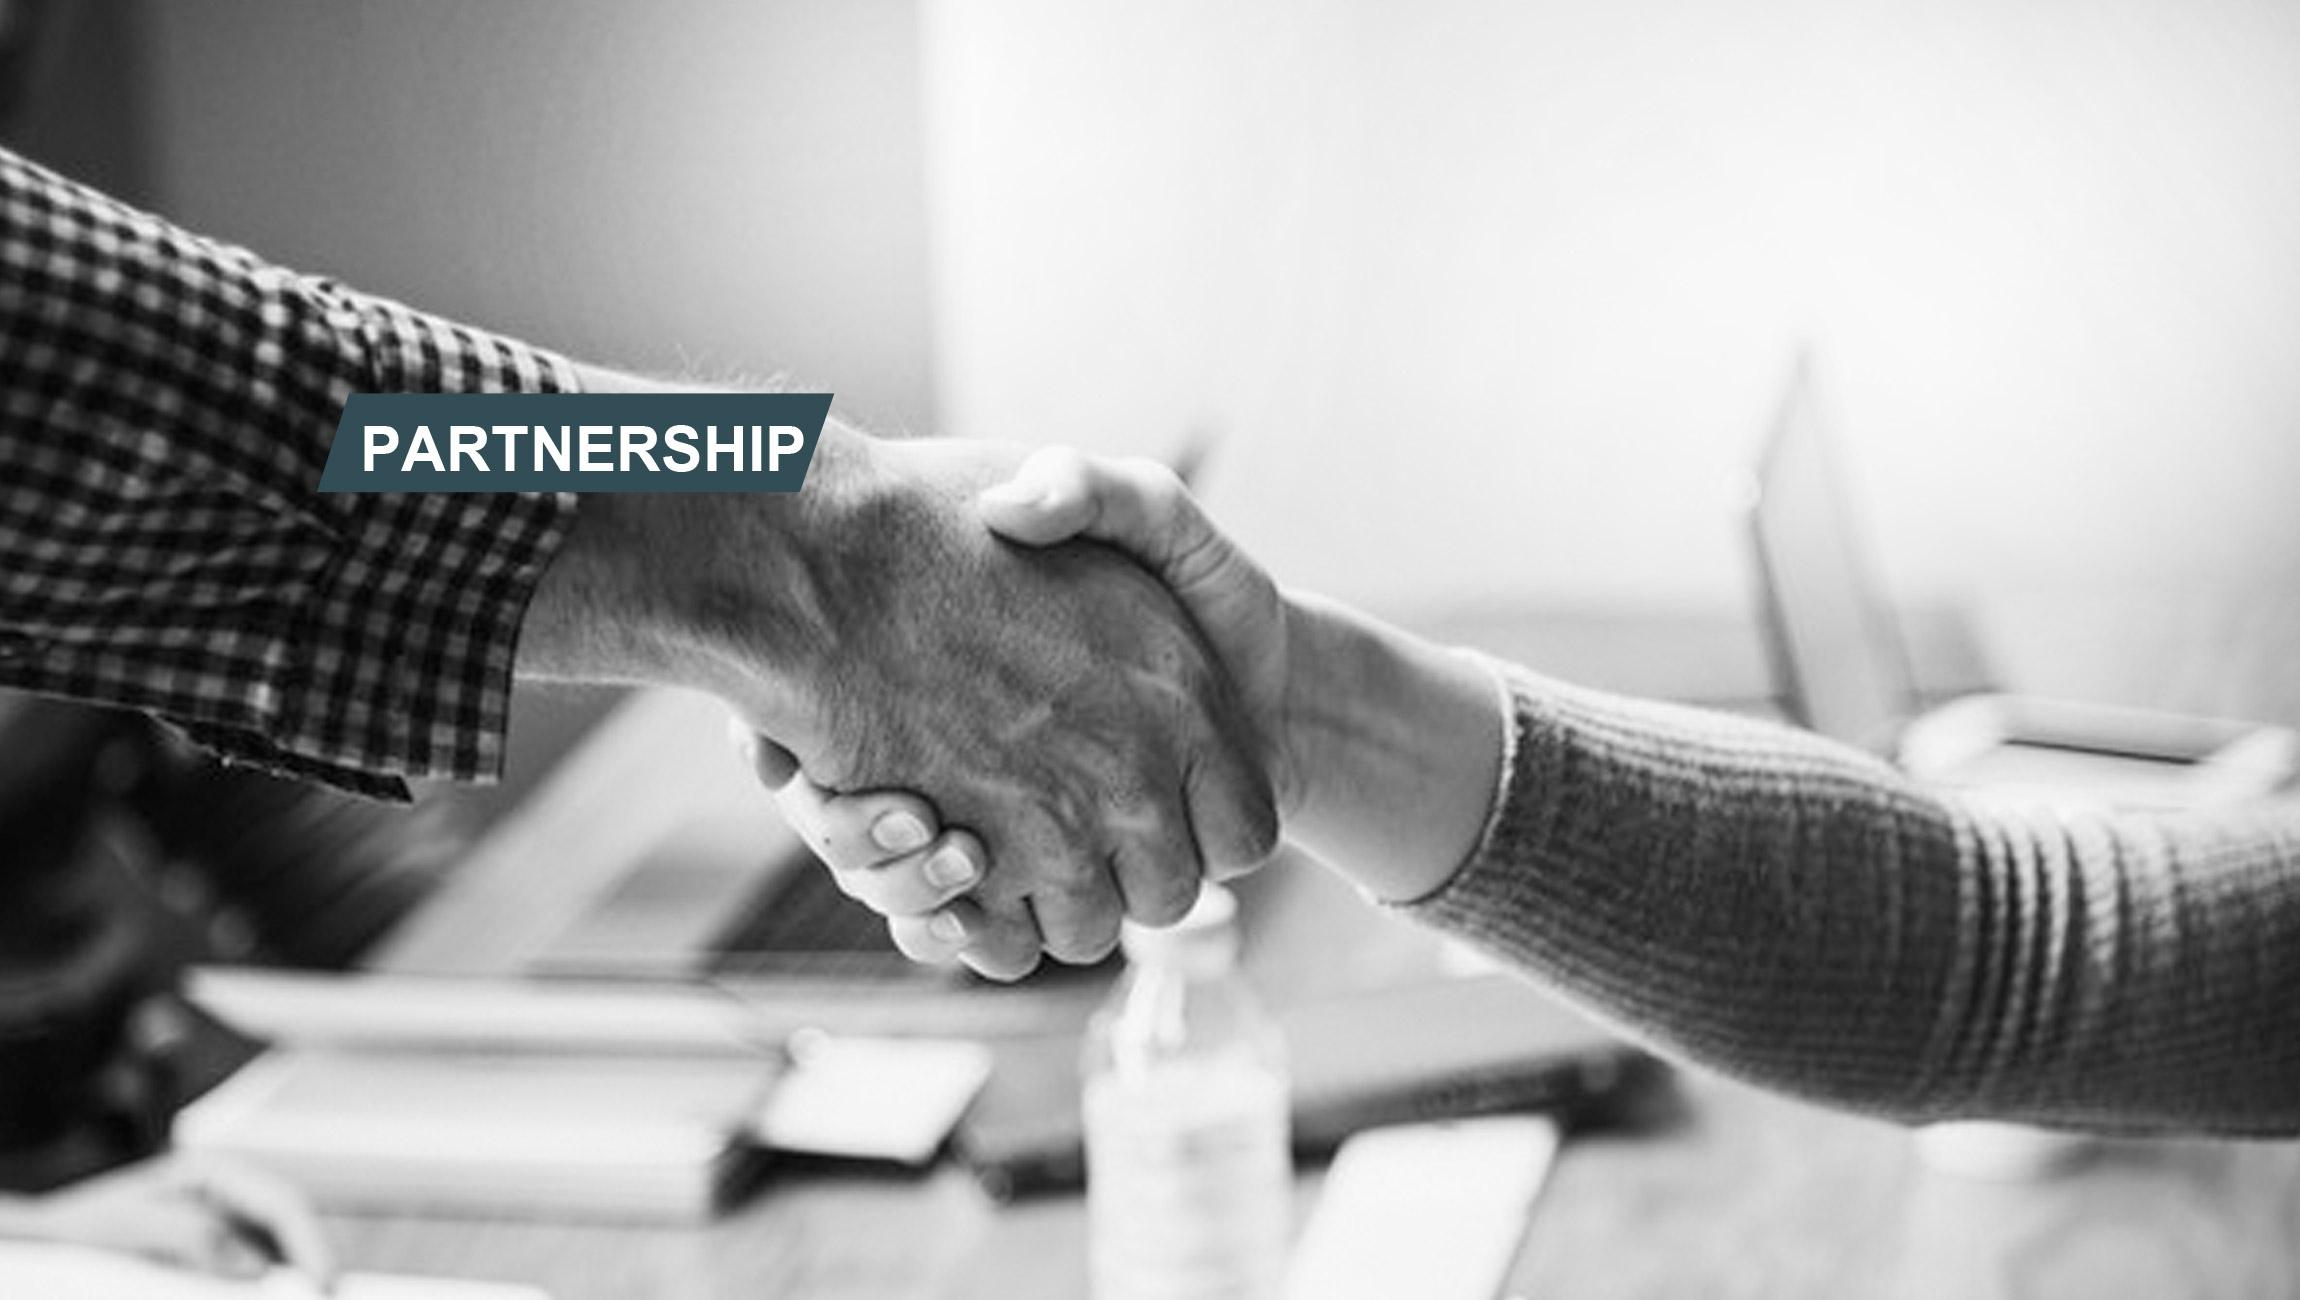 Accenture To Acquire umlaut